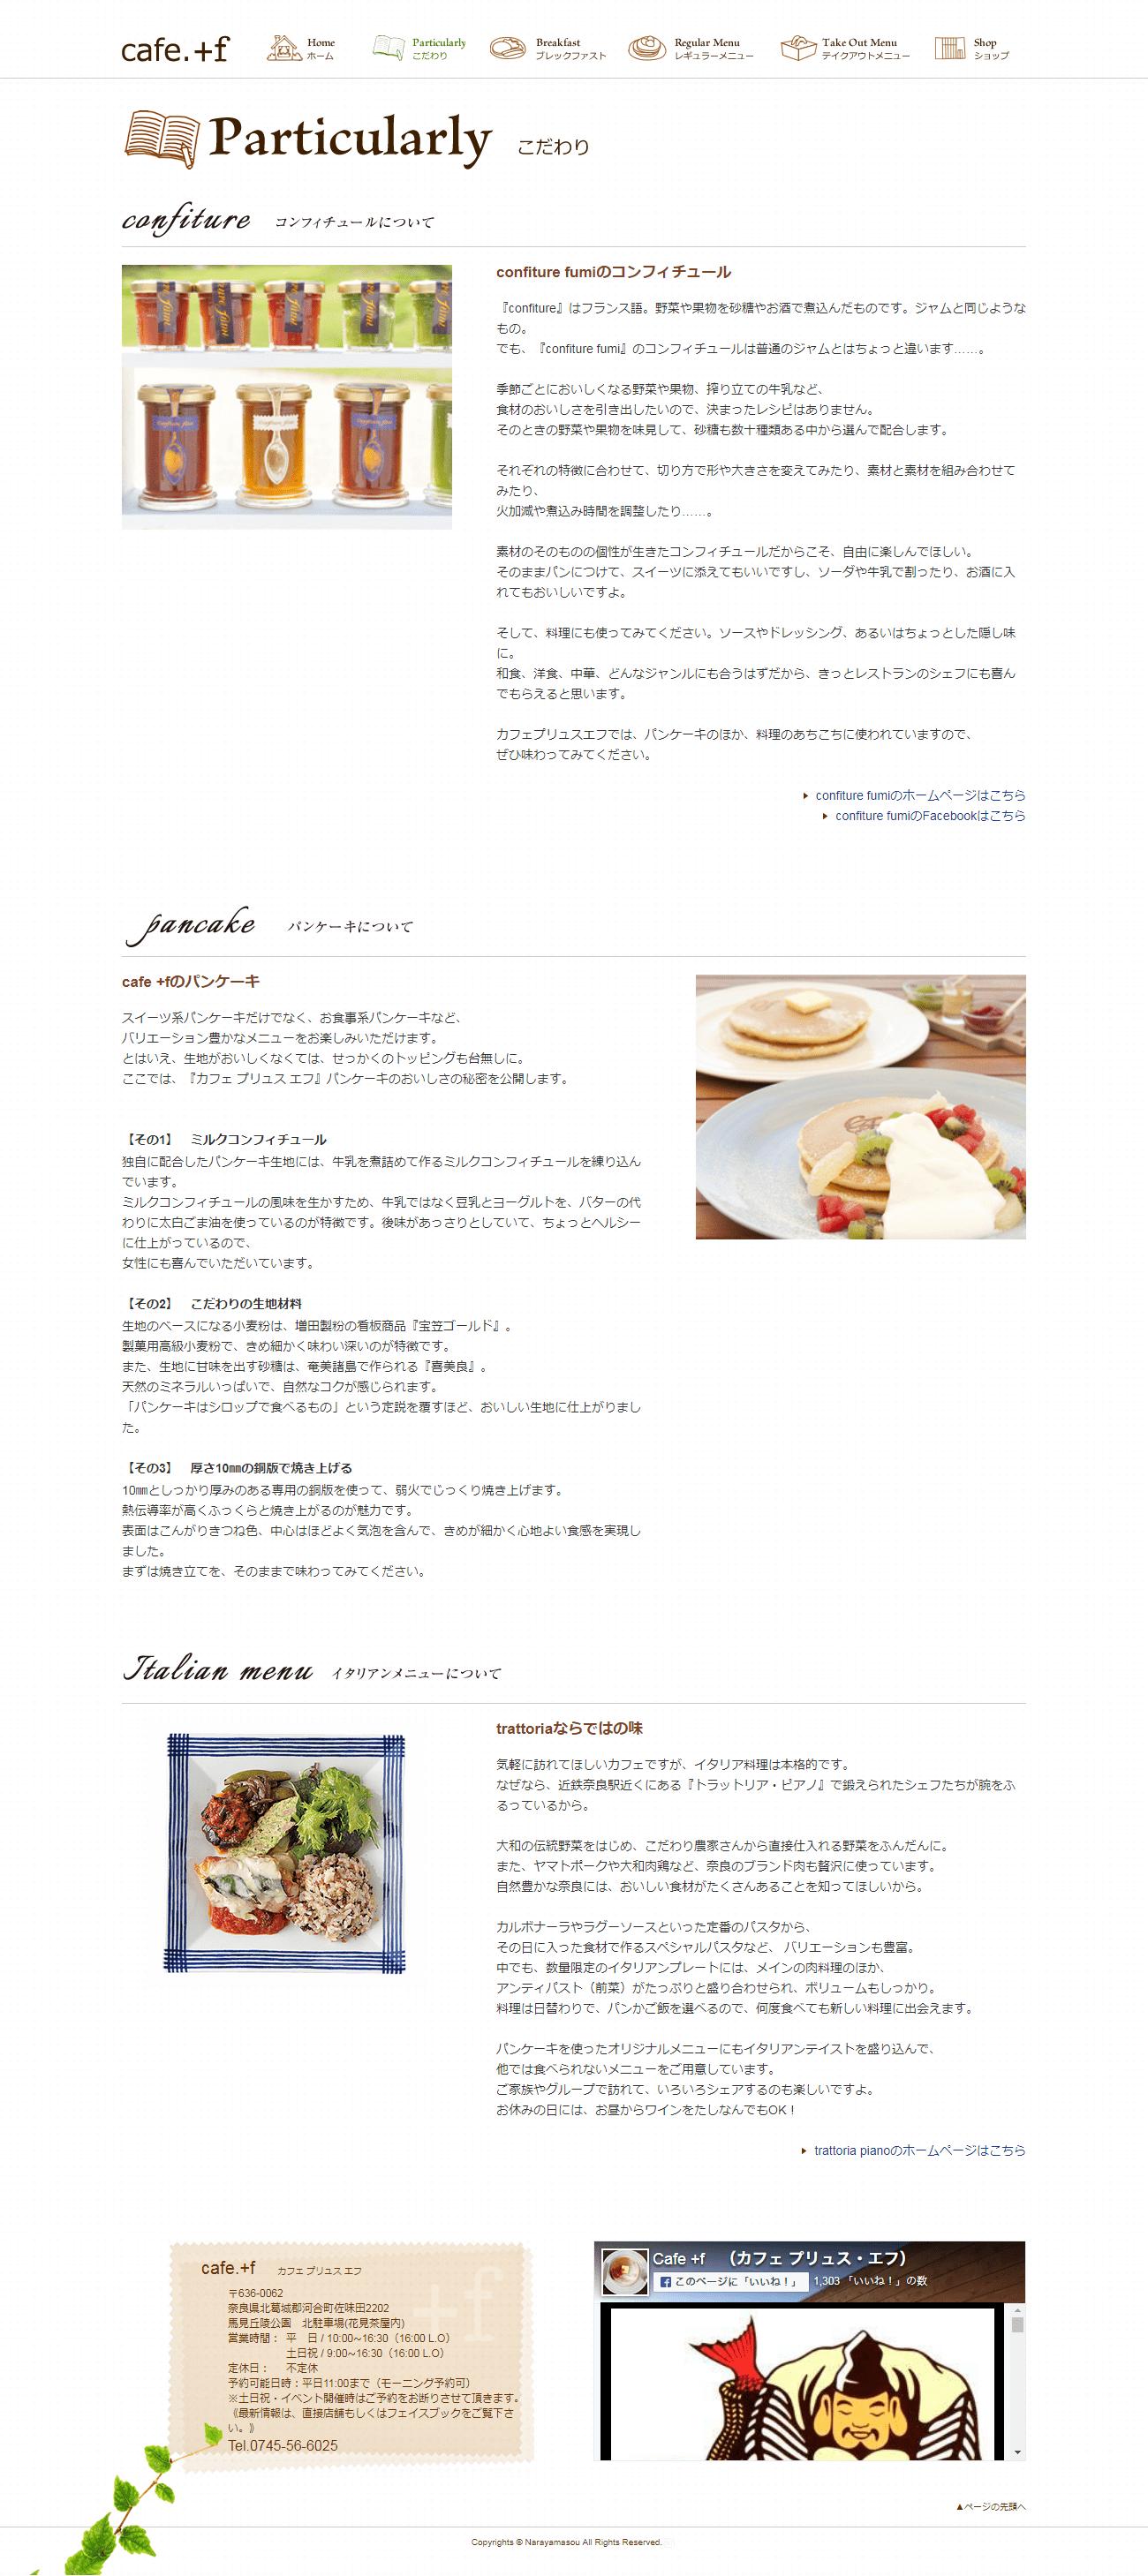 奈良県 cafe.+f(カフェ プリュス エフ)様 ホームページ制作2